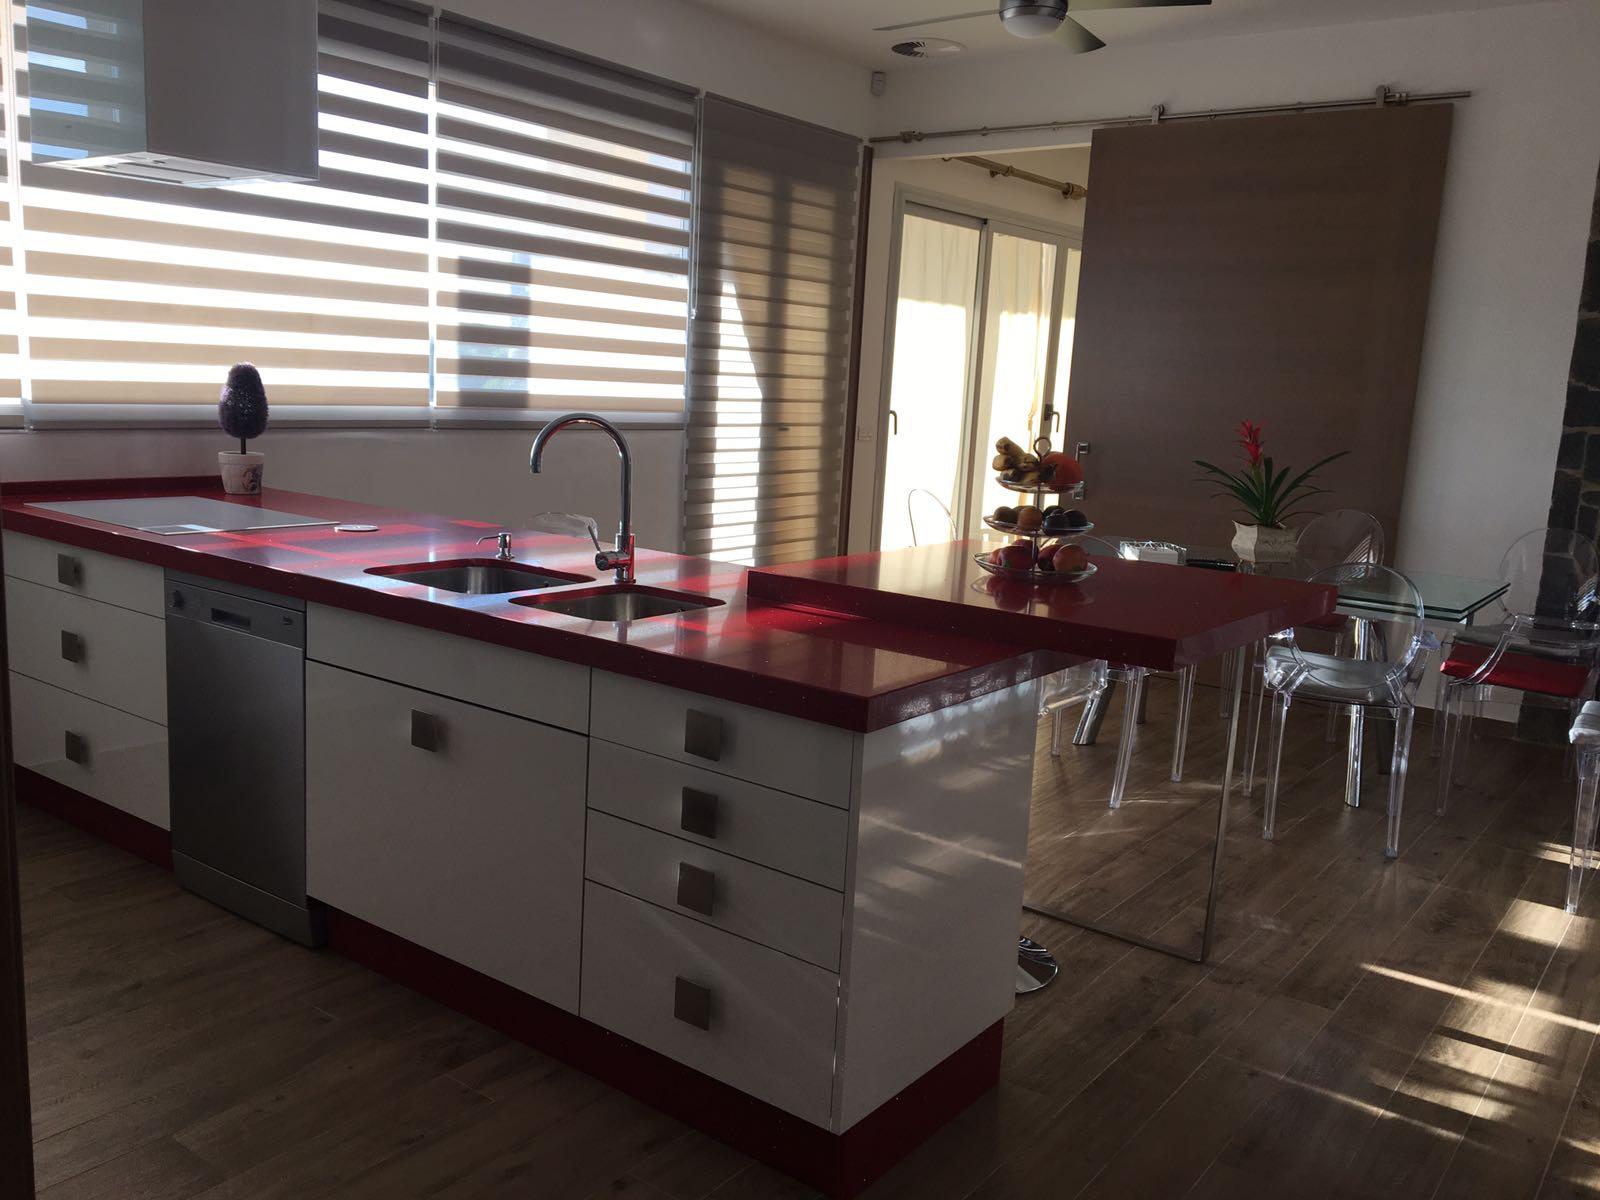 Cocinas de segunda mano en sevilla tienda de muebles de cocina en el aljarafe la mejor tienda - Segunda mano muebles de cocina madrid ...